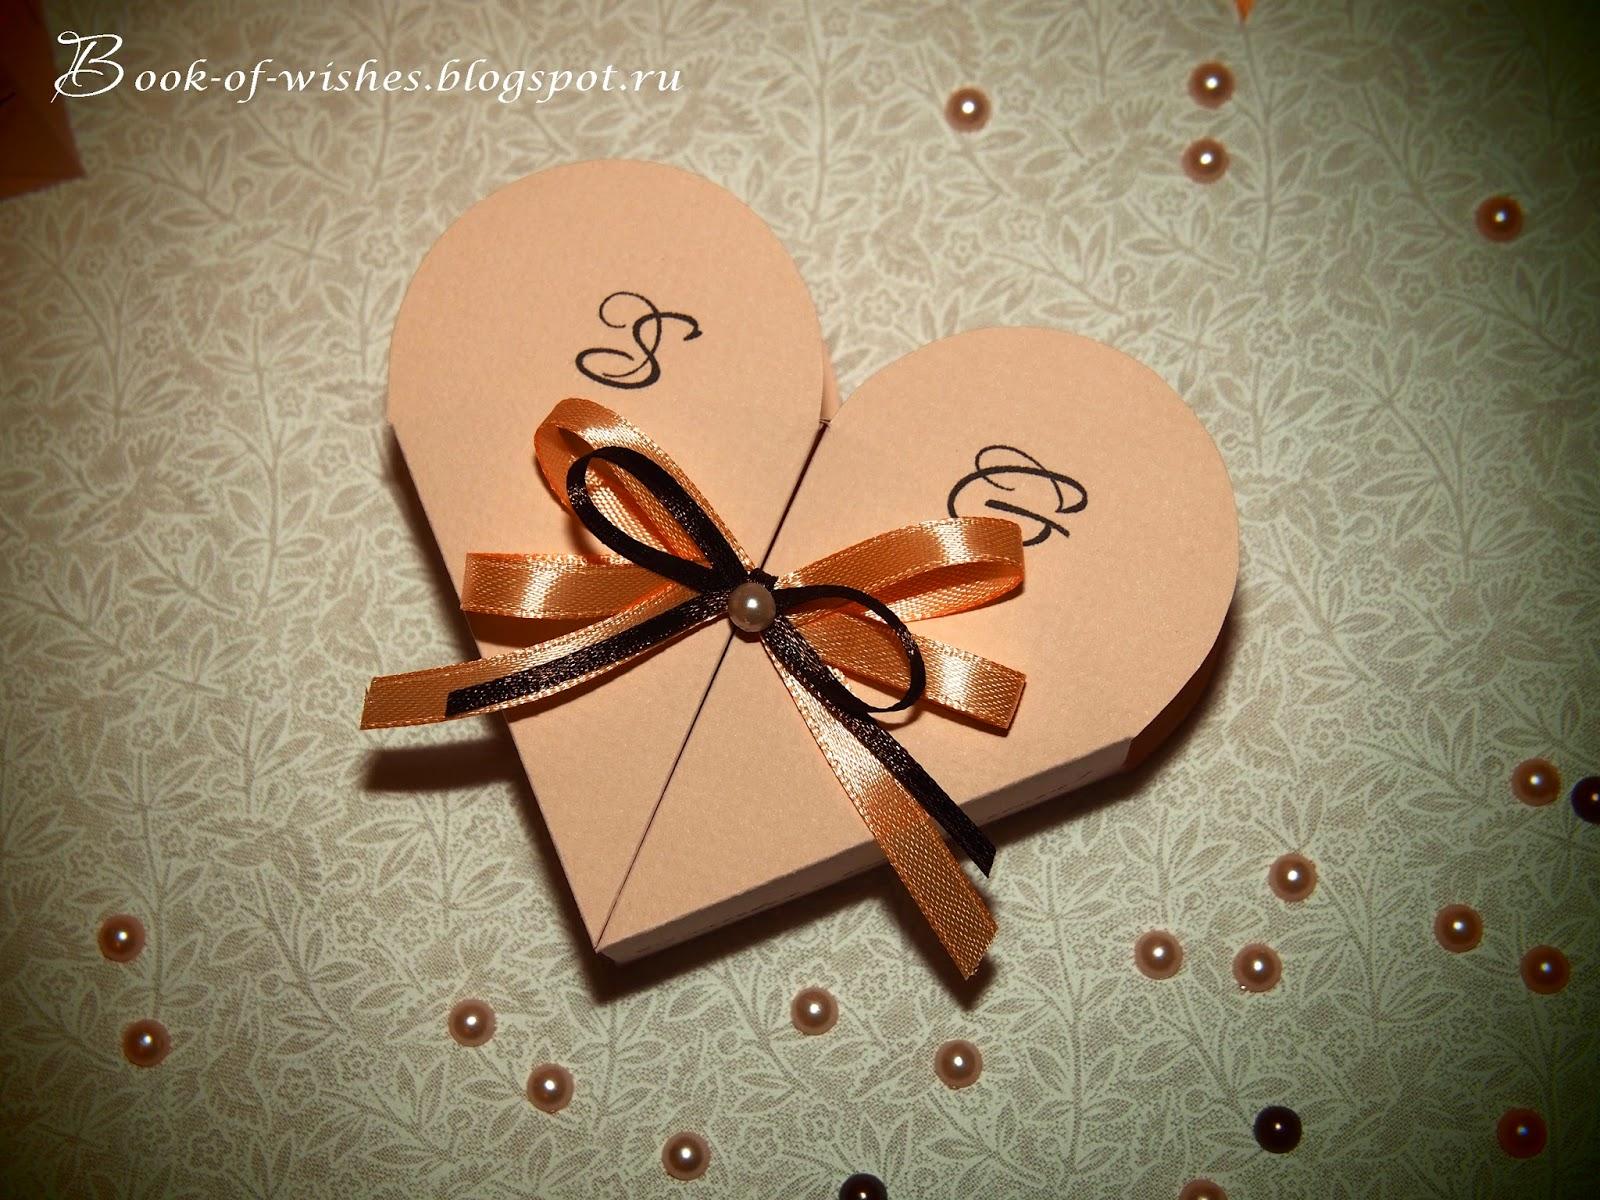 свадебные бонбоньерки своими руками